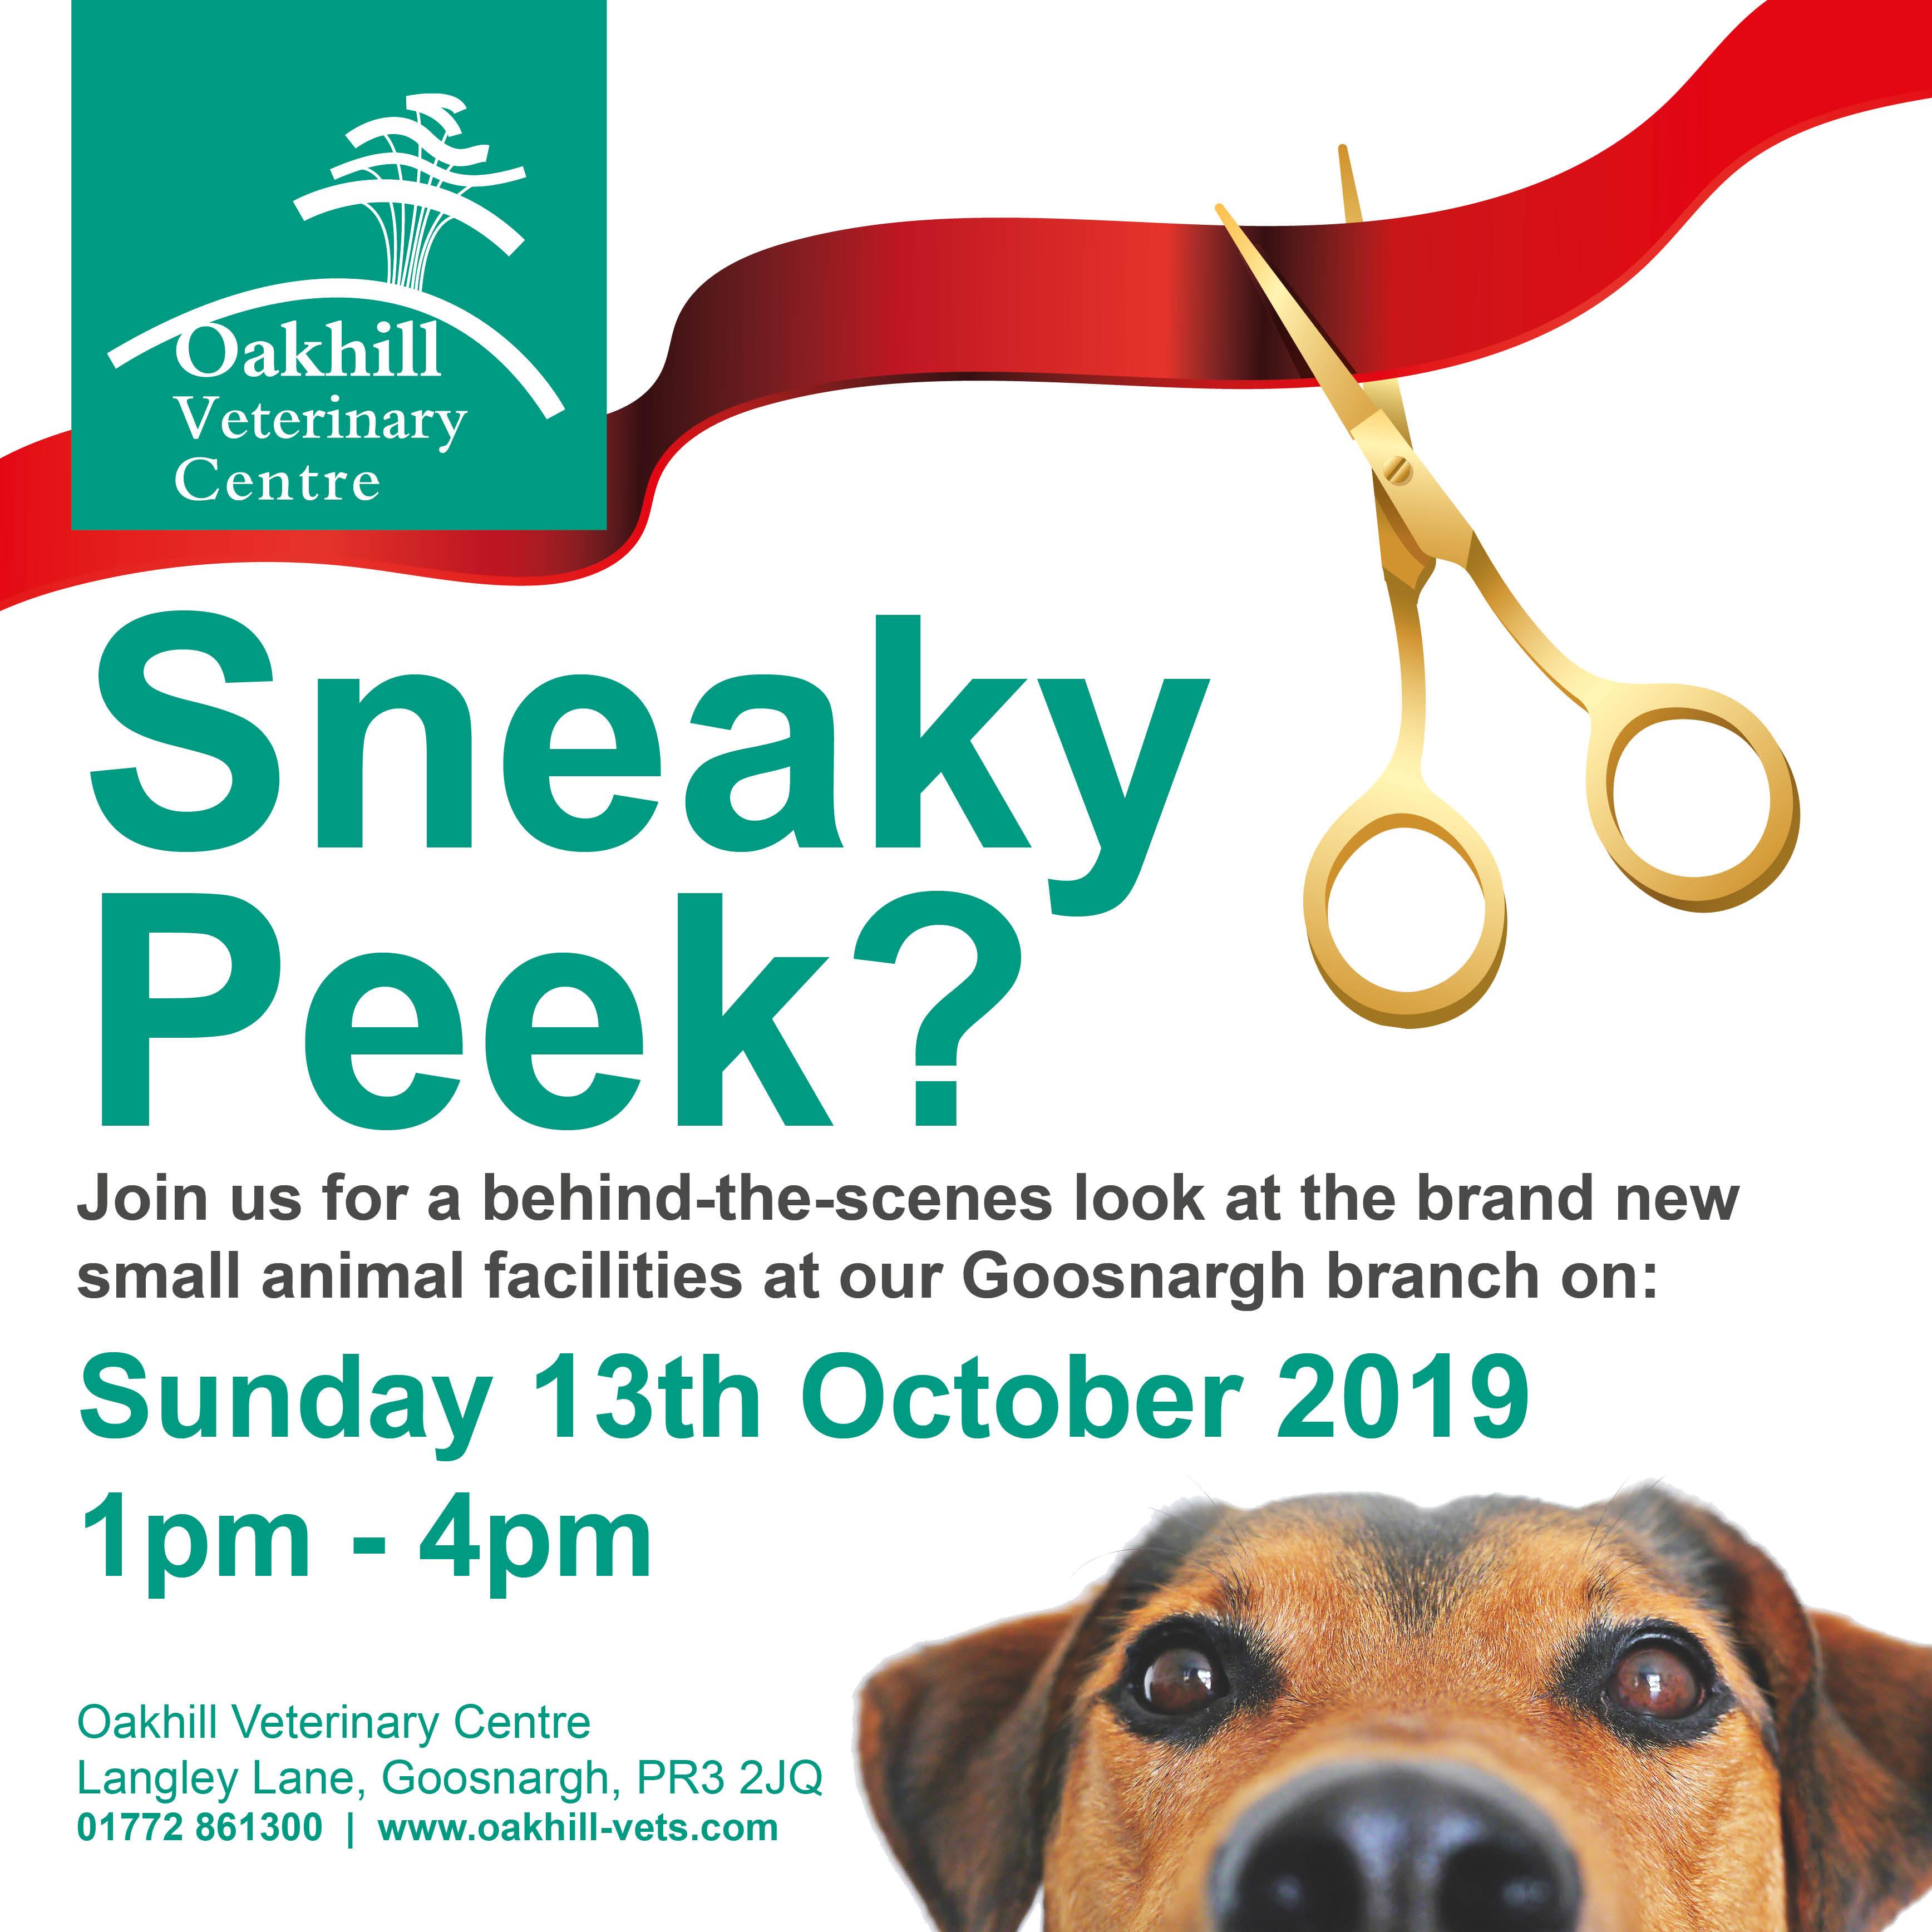 Sneaky Peek event